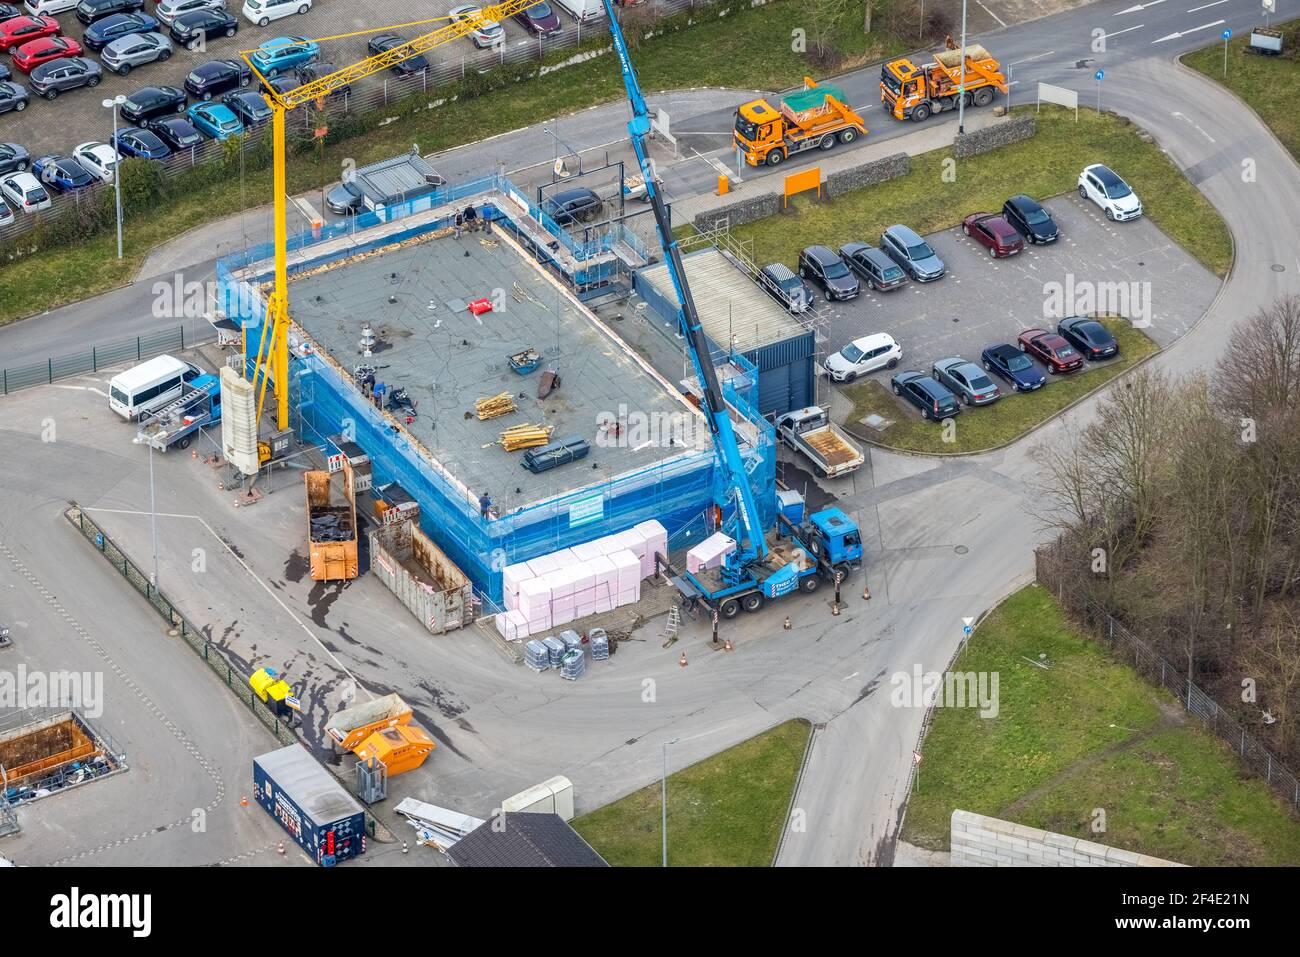 Luftaufnahme, Baustellenrecycling-Werft Donnerberg, Bottrop, Ruhrgebiet, Nordrhein-Westfalen, Deutschland, DE, Europa, Luftaufnahmen, Luftaufnahmen Stockfoto